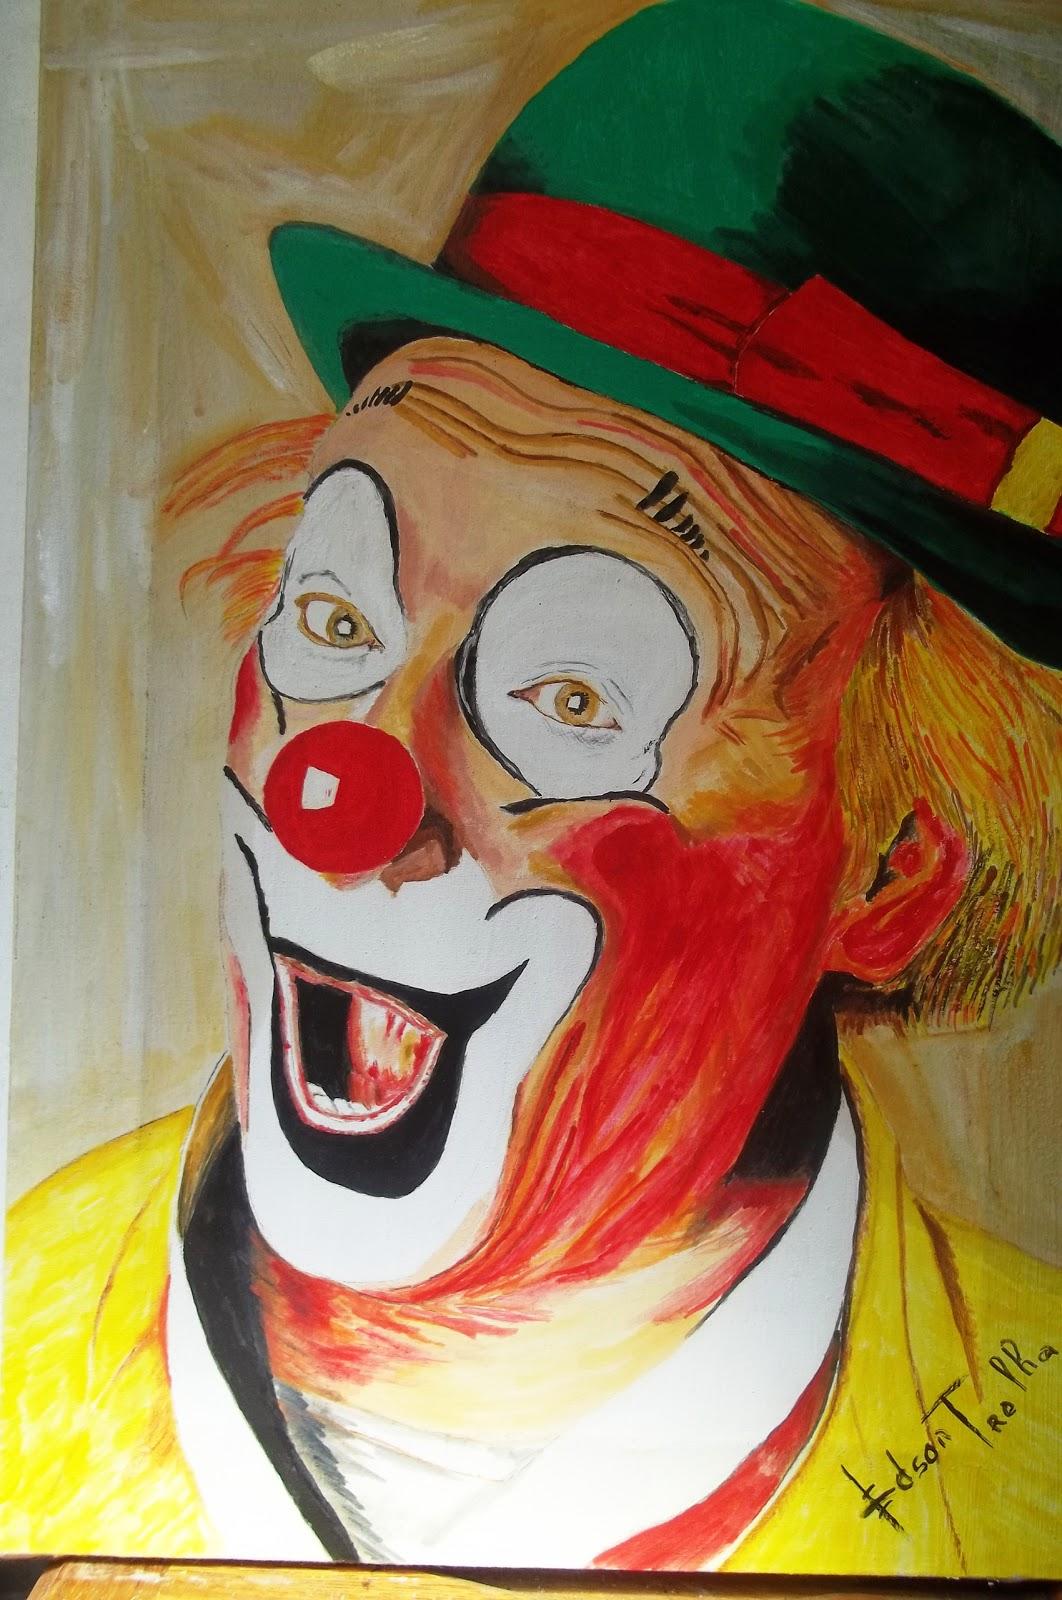 obras do autor do blog 22 pintura torresmo welcome to